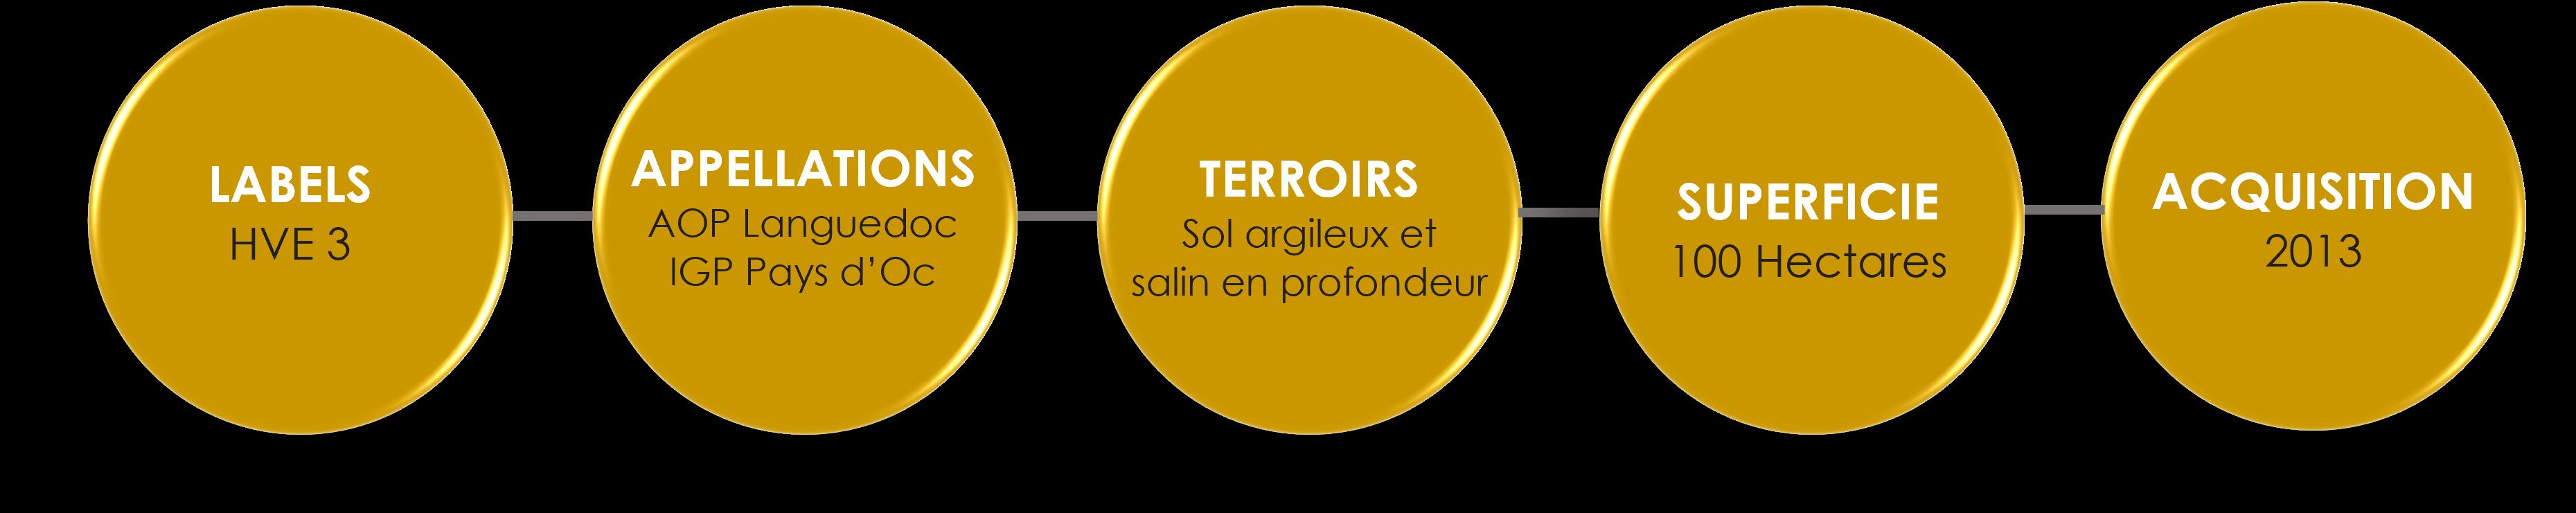 Chiffres Clés Ferrandière FR